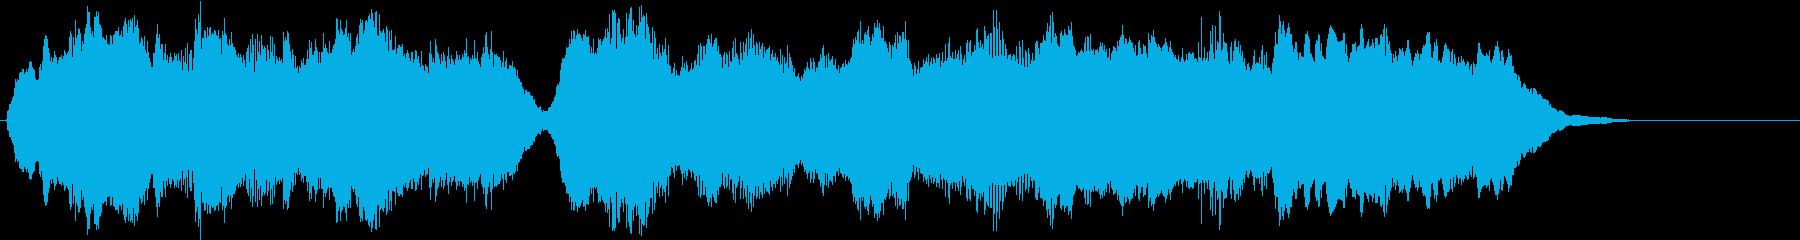 金管のみを使ったファンファーレ2の再生済みの波形